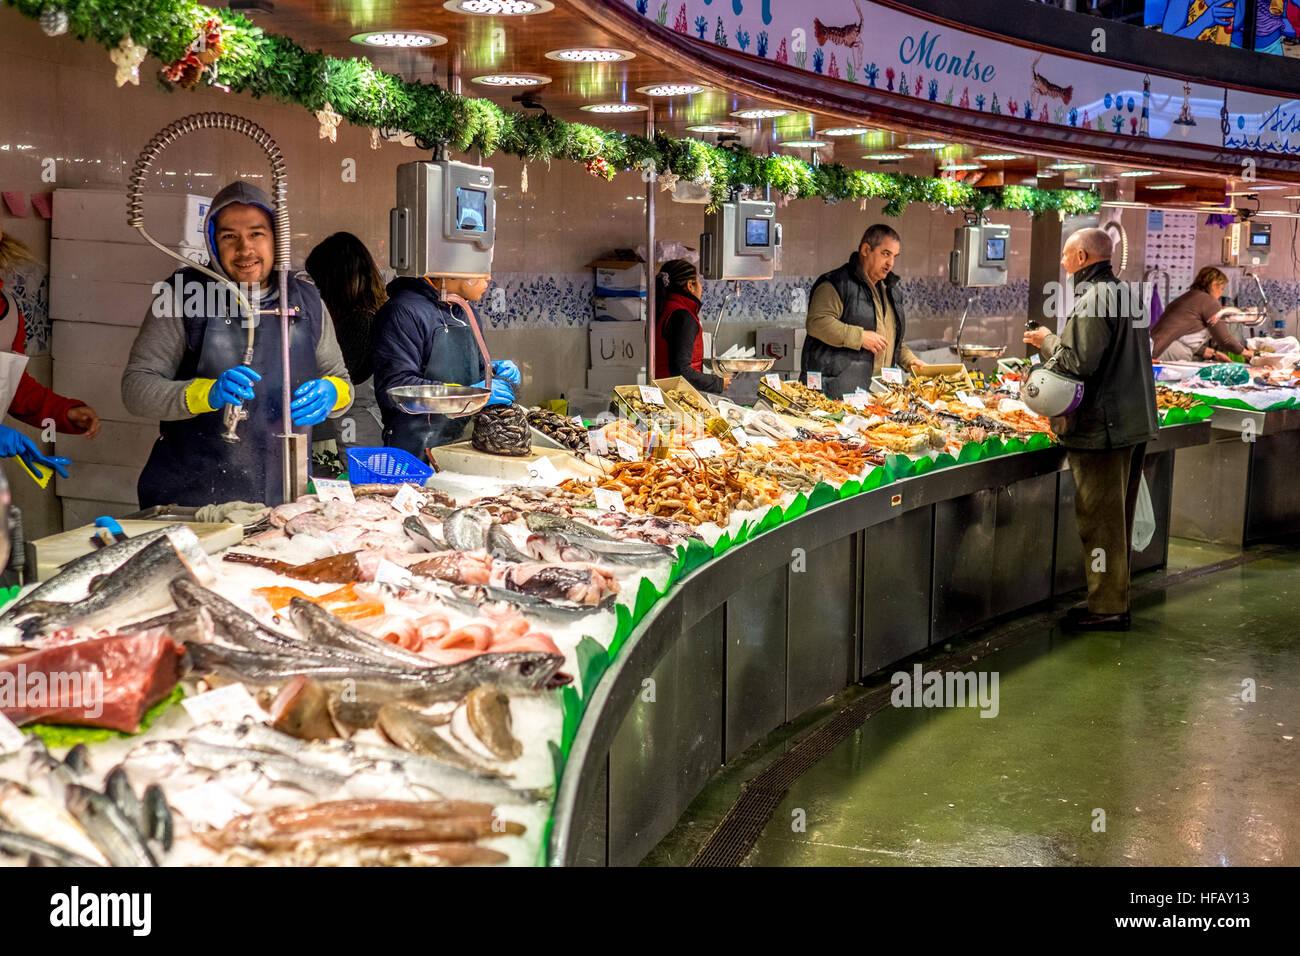 mercado de la boqueria fish market seafood in barcelona